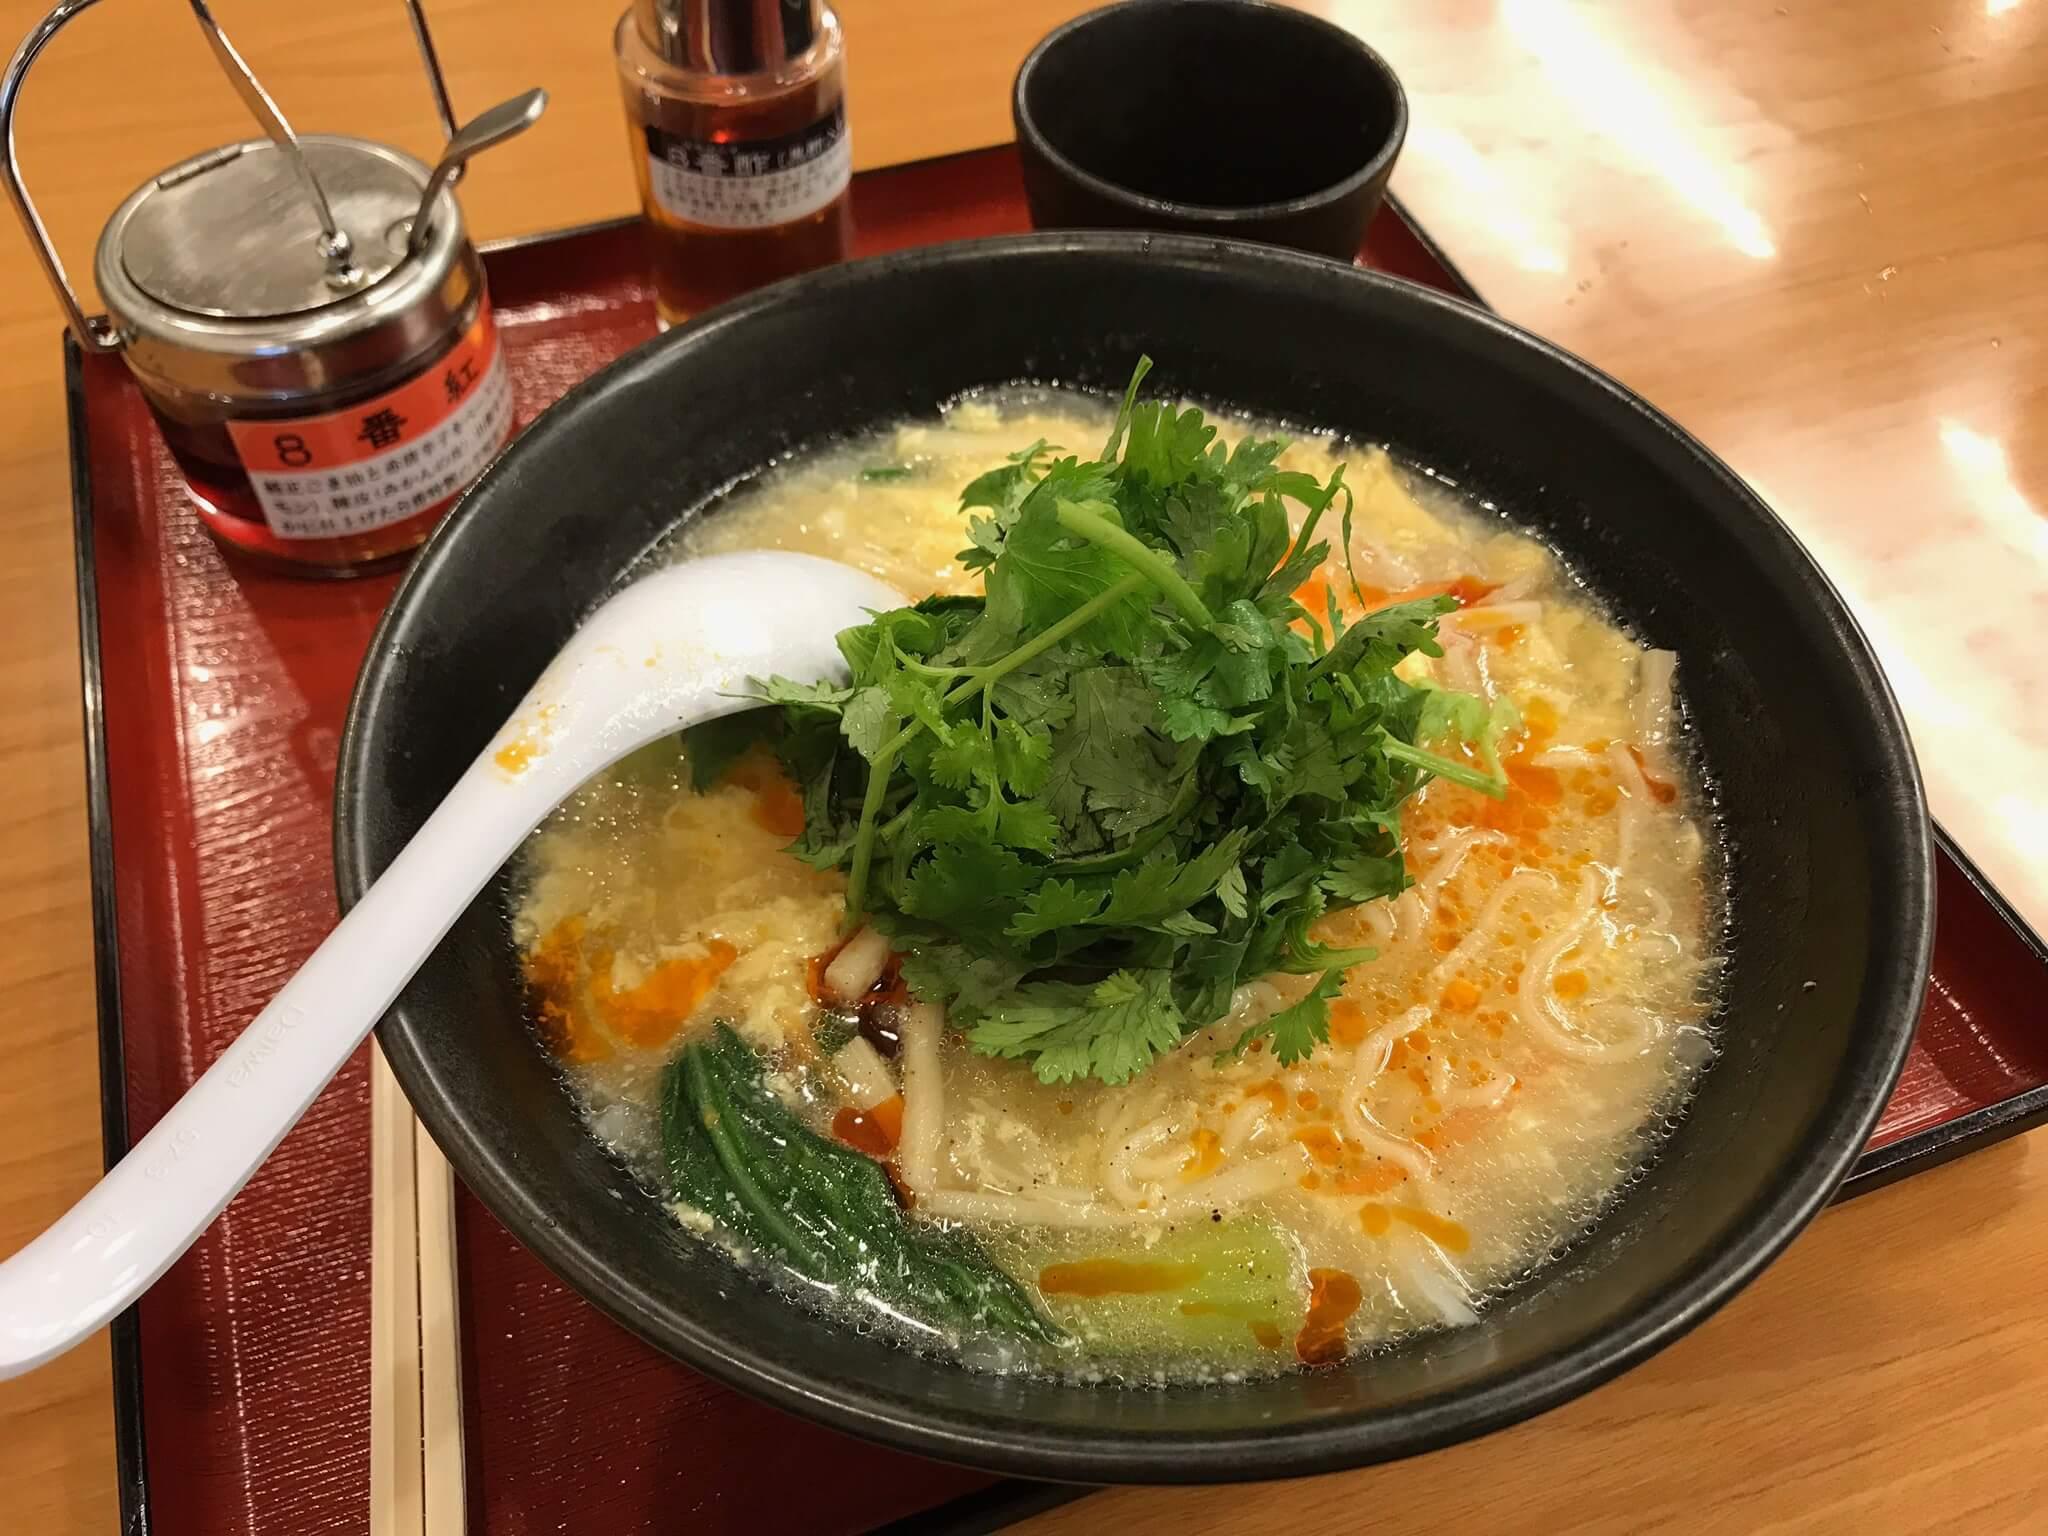 8番らーめん 冬の定番「酸辣湯麺 」と、期間限定「パクチー酸辣湯麺」がいよいよ発売!! 早速食べてきた!!